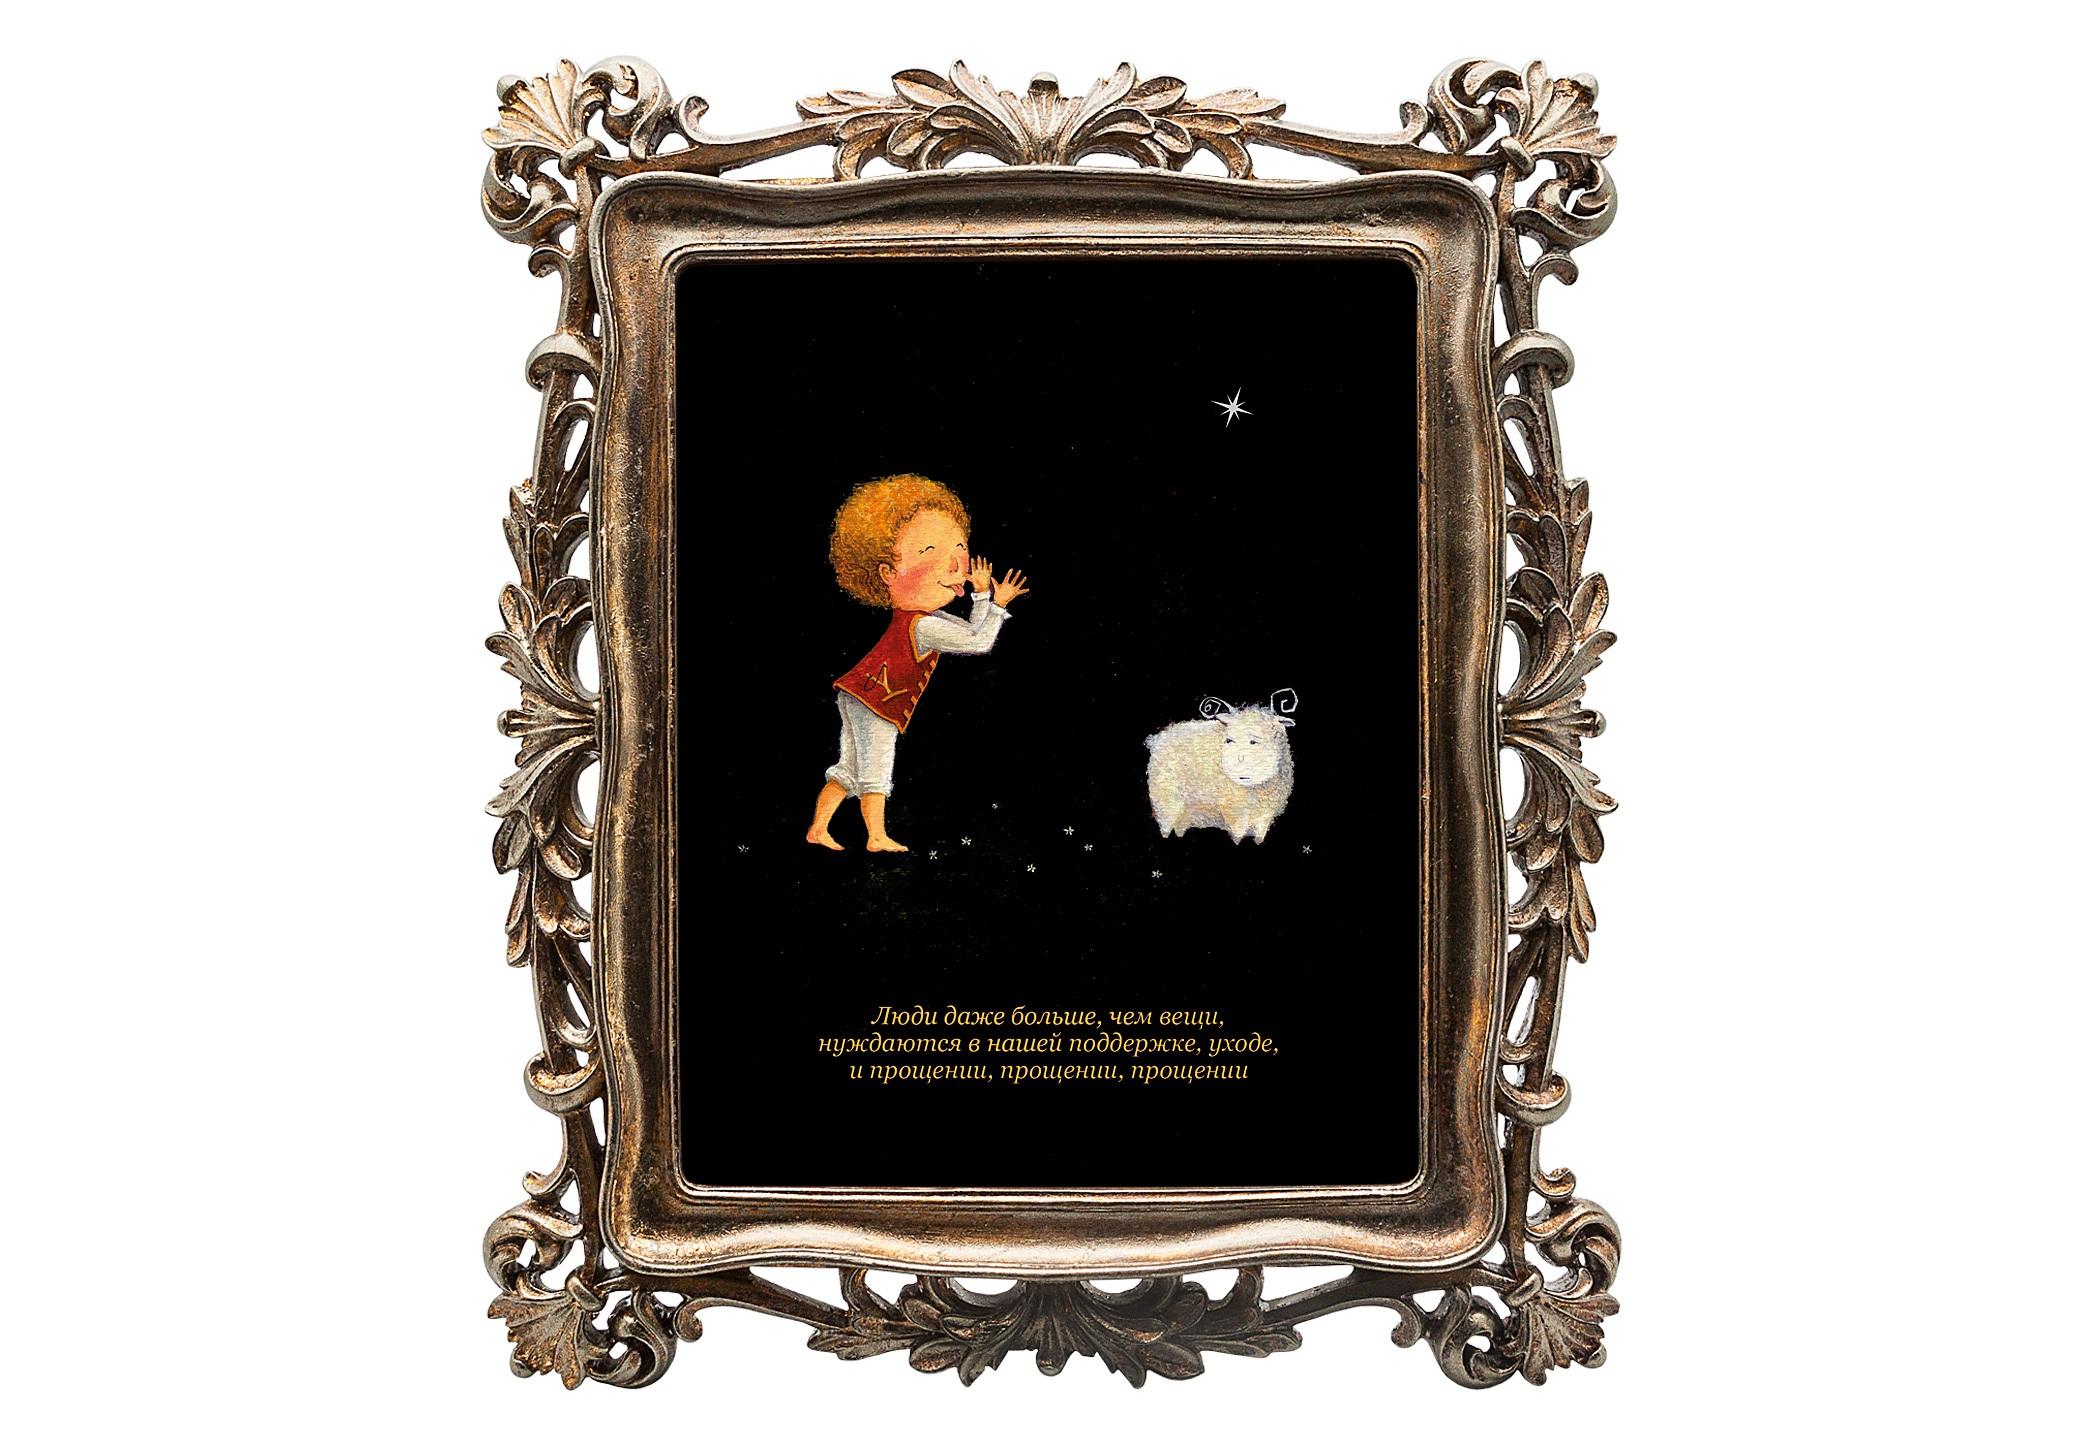 Картина 12 рецептов счастья (Овен)Картины<br>Картина из коллекции «12 рецептов счастья» «Люди даже больше, чем вещи, нуждаются в нашей поддержке, уходе, и прощении, прощении, прощении» олицетворяет собой знак зодиака Овен, преподнося нам уникальное пожелание.  Картину можно повесить на стену, либо поставить, например, на стол или камин. Защитный стеклянный слой  гарантирует долгую жизнь прекрасному изображению. Рама изготовлена из полистоуна. Искусная техника состаривания придает раме особую теплоту и винтажность.&amp;lt;div&amp;gt;&amp;lt;br&amp;gt;&amp;lt;/div&amp;gt;&amp;lt;div&amp;gt;Материал: полистоун, стекло, дизайнерская бумага.&amp;lt;br&amp;gt;&amp;lt;/div&amp;gt;<br><br>Material: Полистоун<br>Ширина см: 29.7<br>Высота см: 34.7<br>Глубина см: 2.2